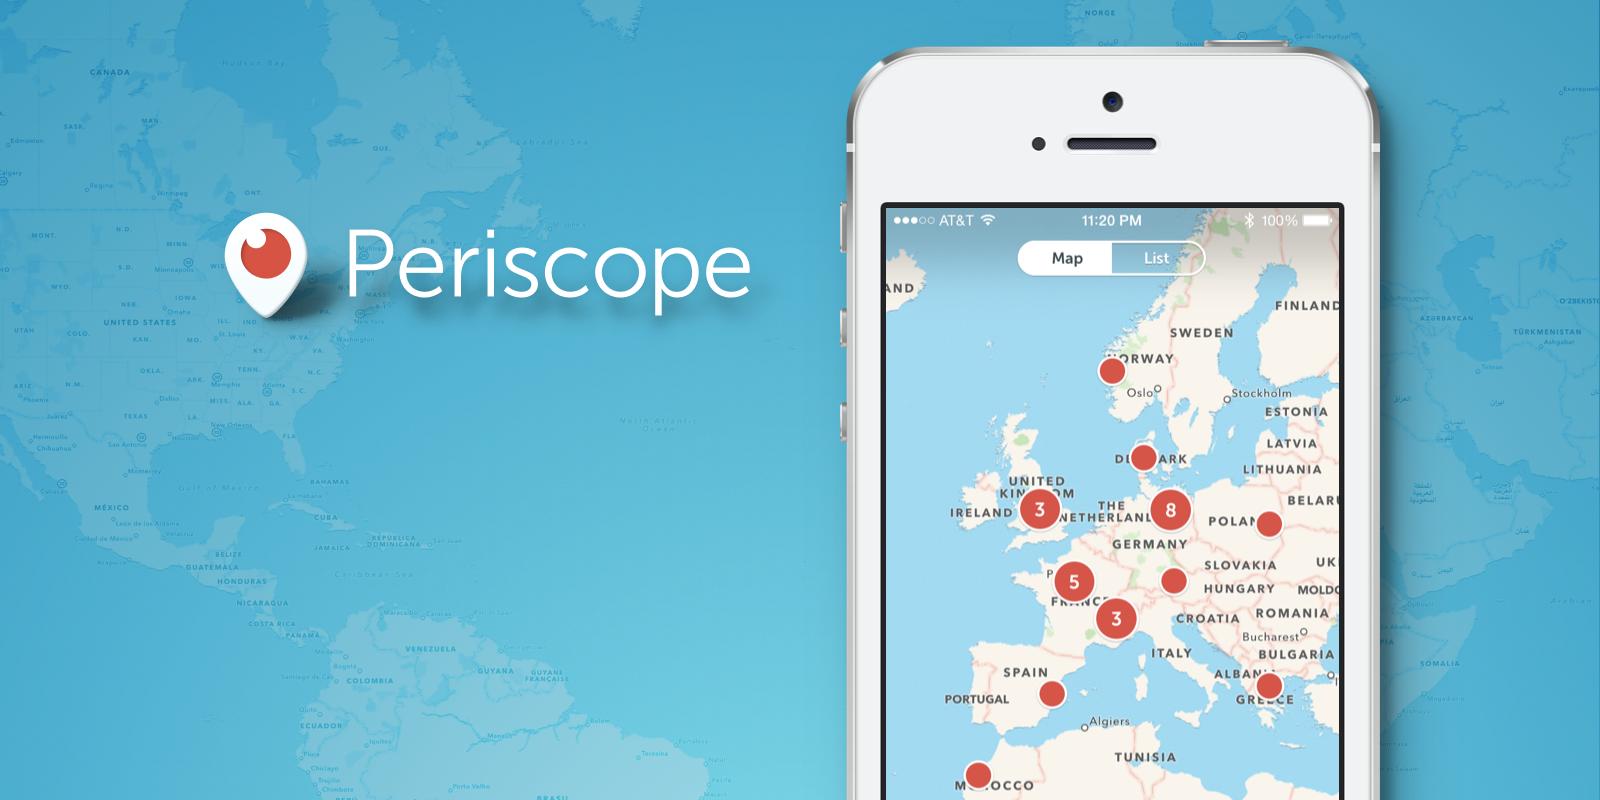 periscope-map-influenth